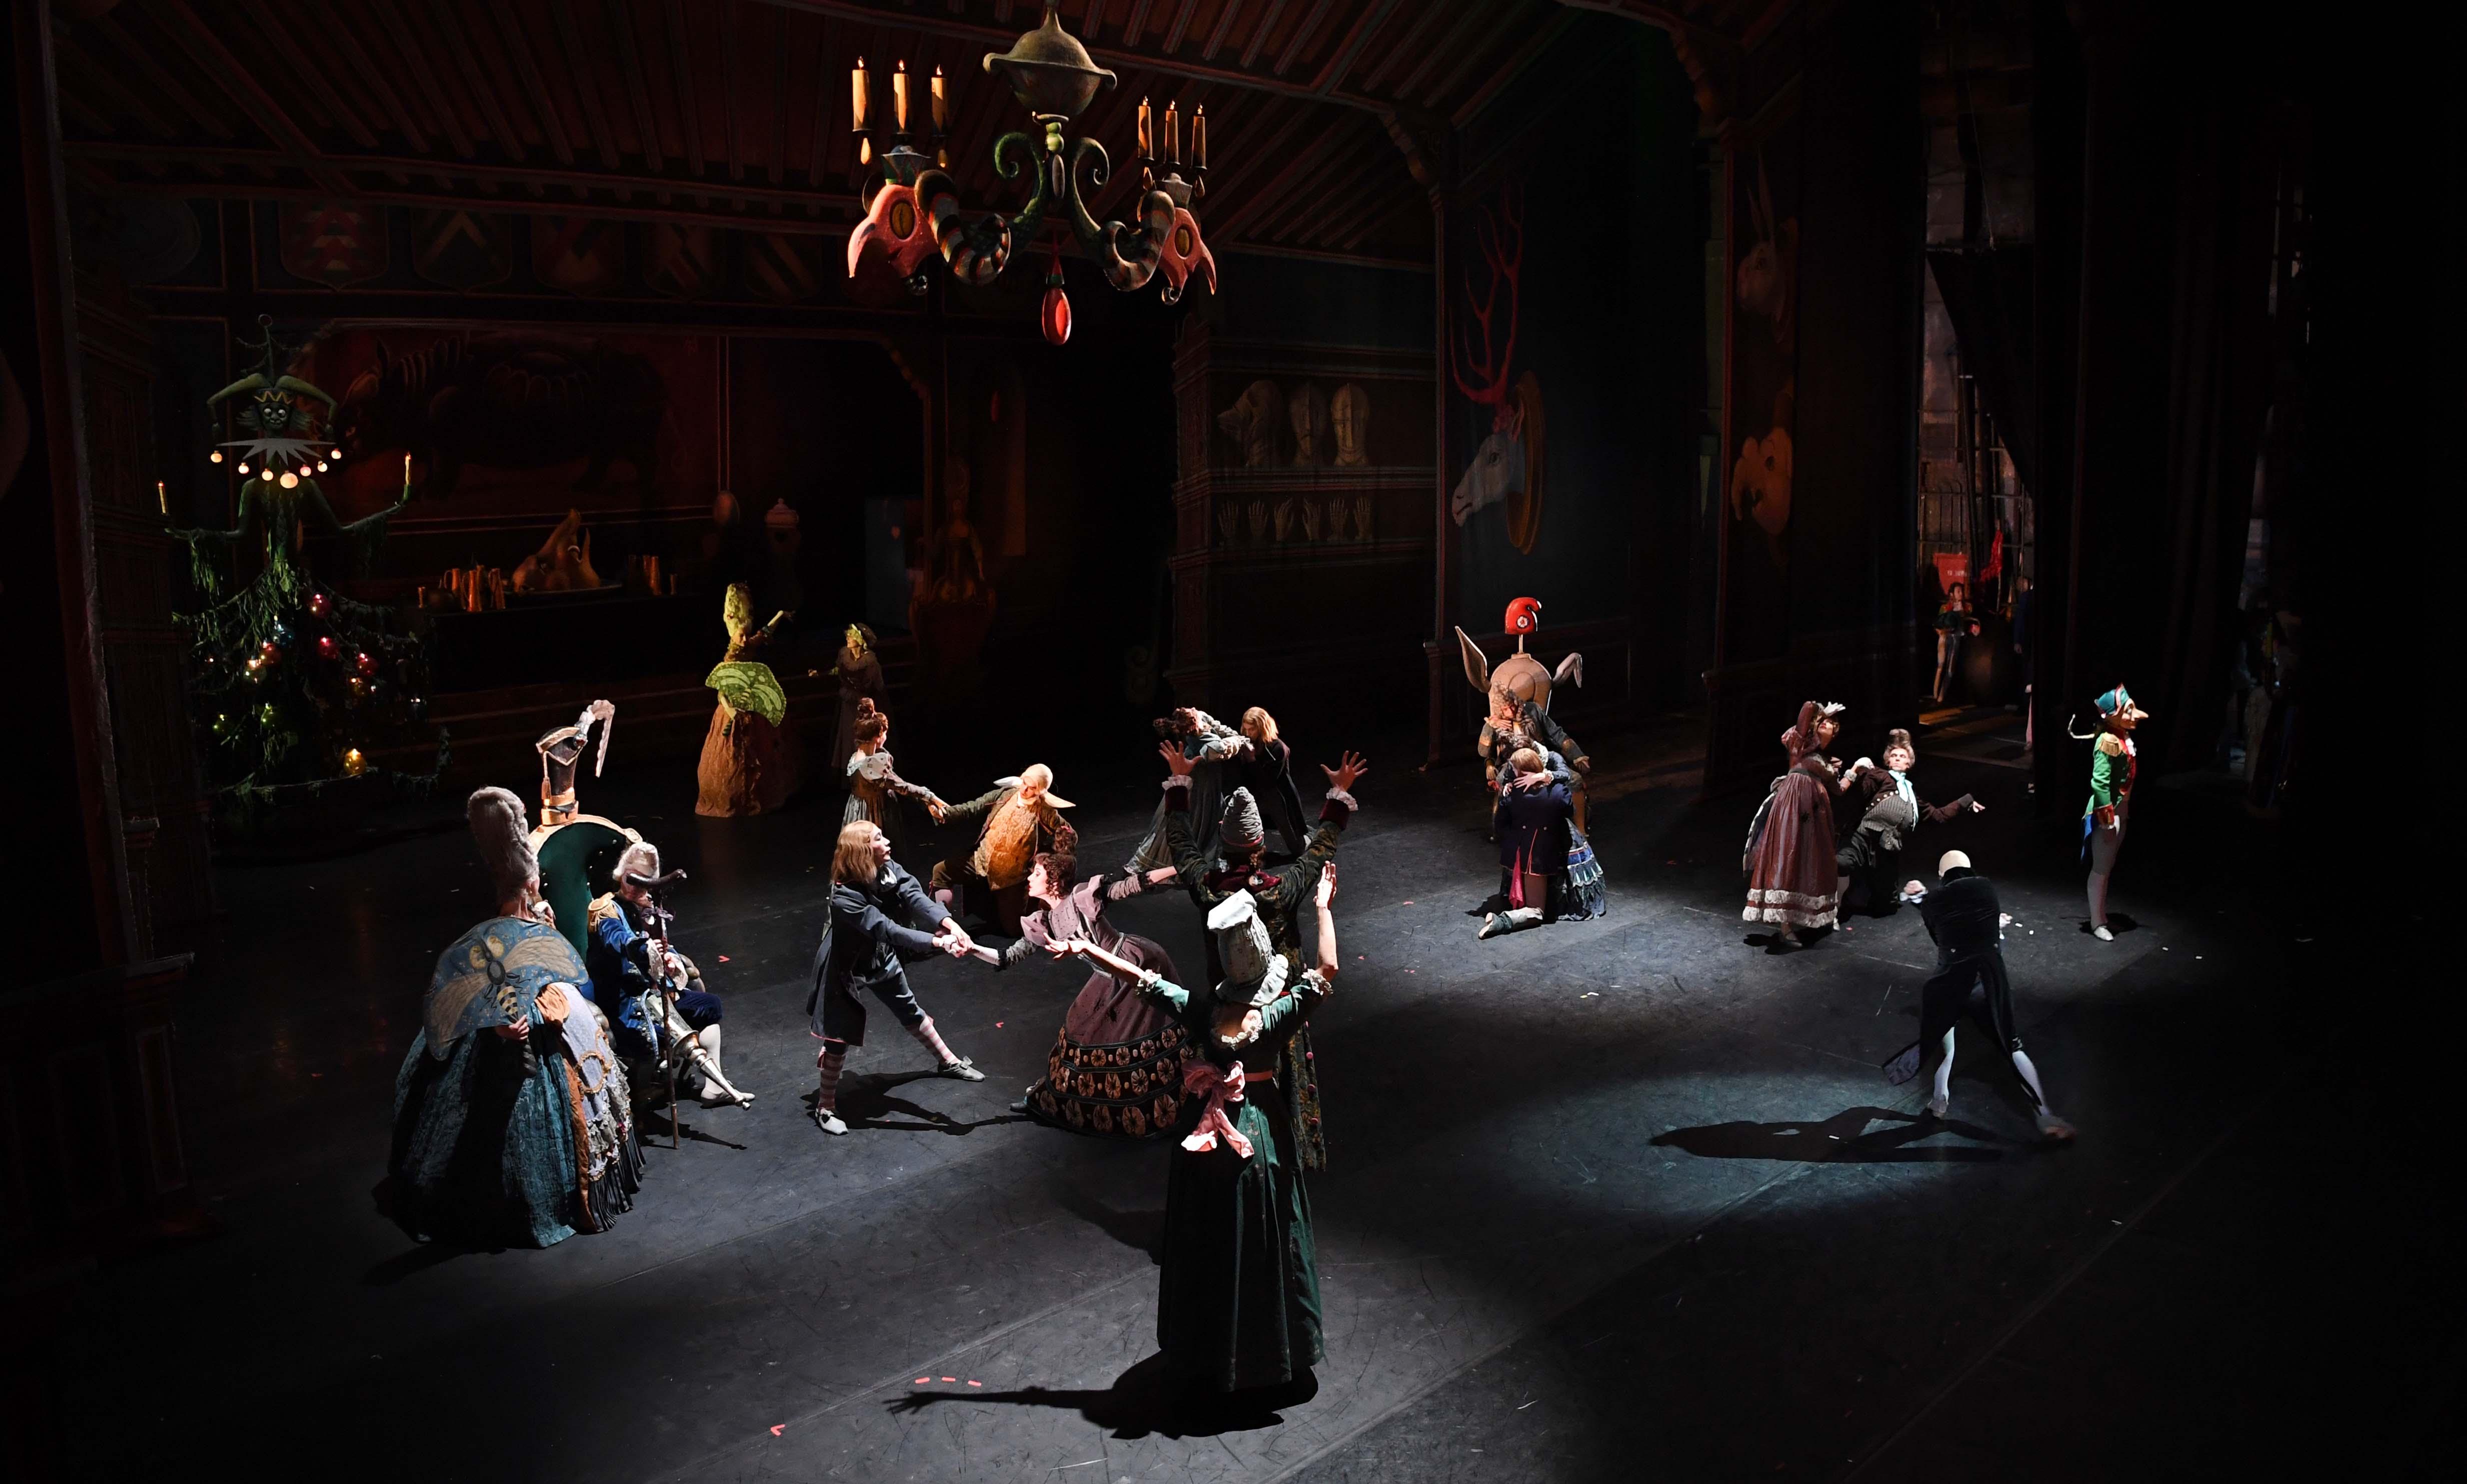 Нурсултан Назарбаев посетил балет «Щелкунчик» в Санкт-Петербурге